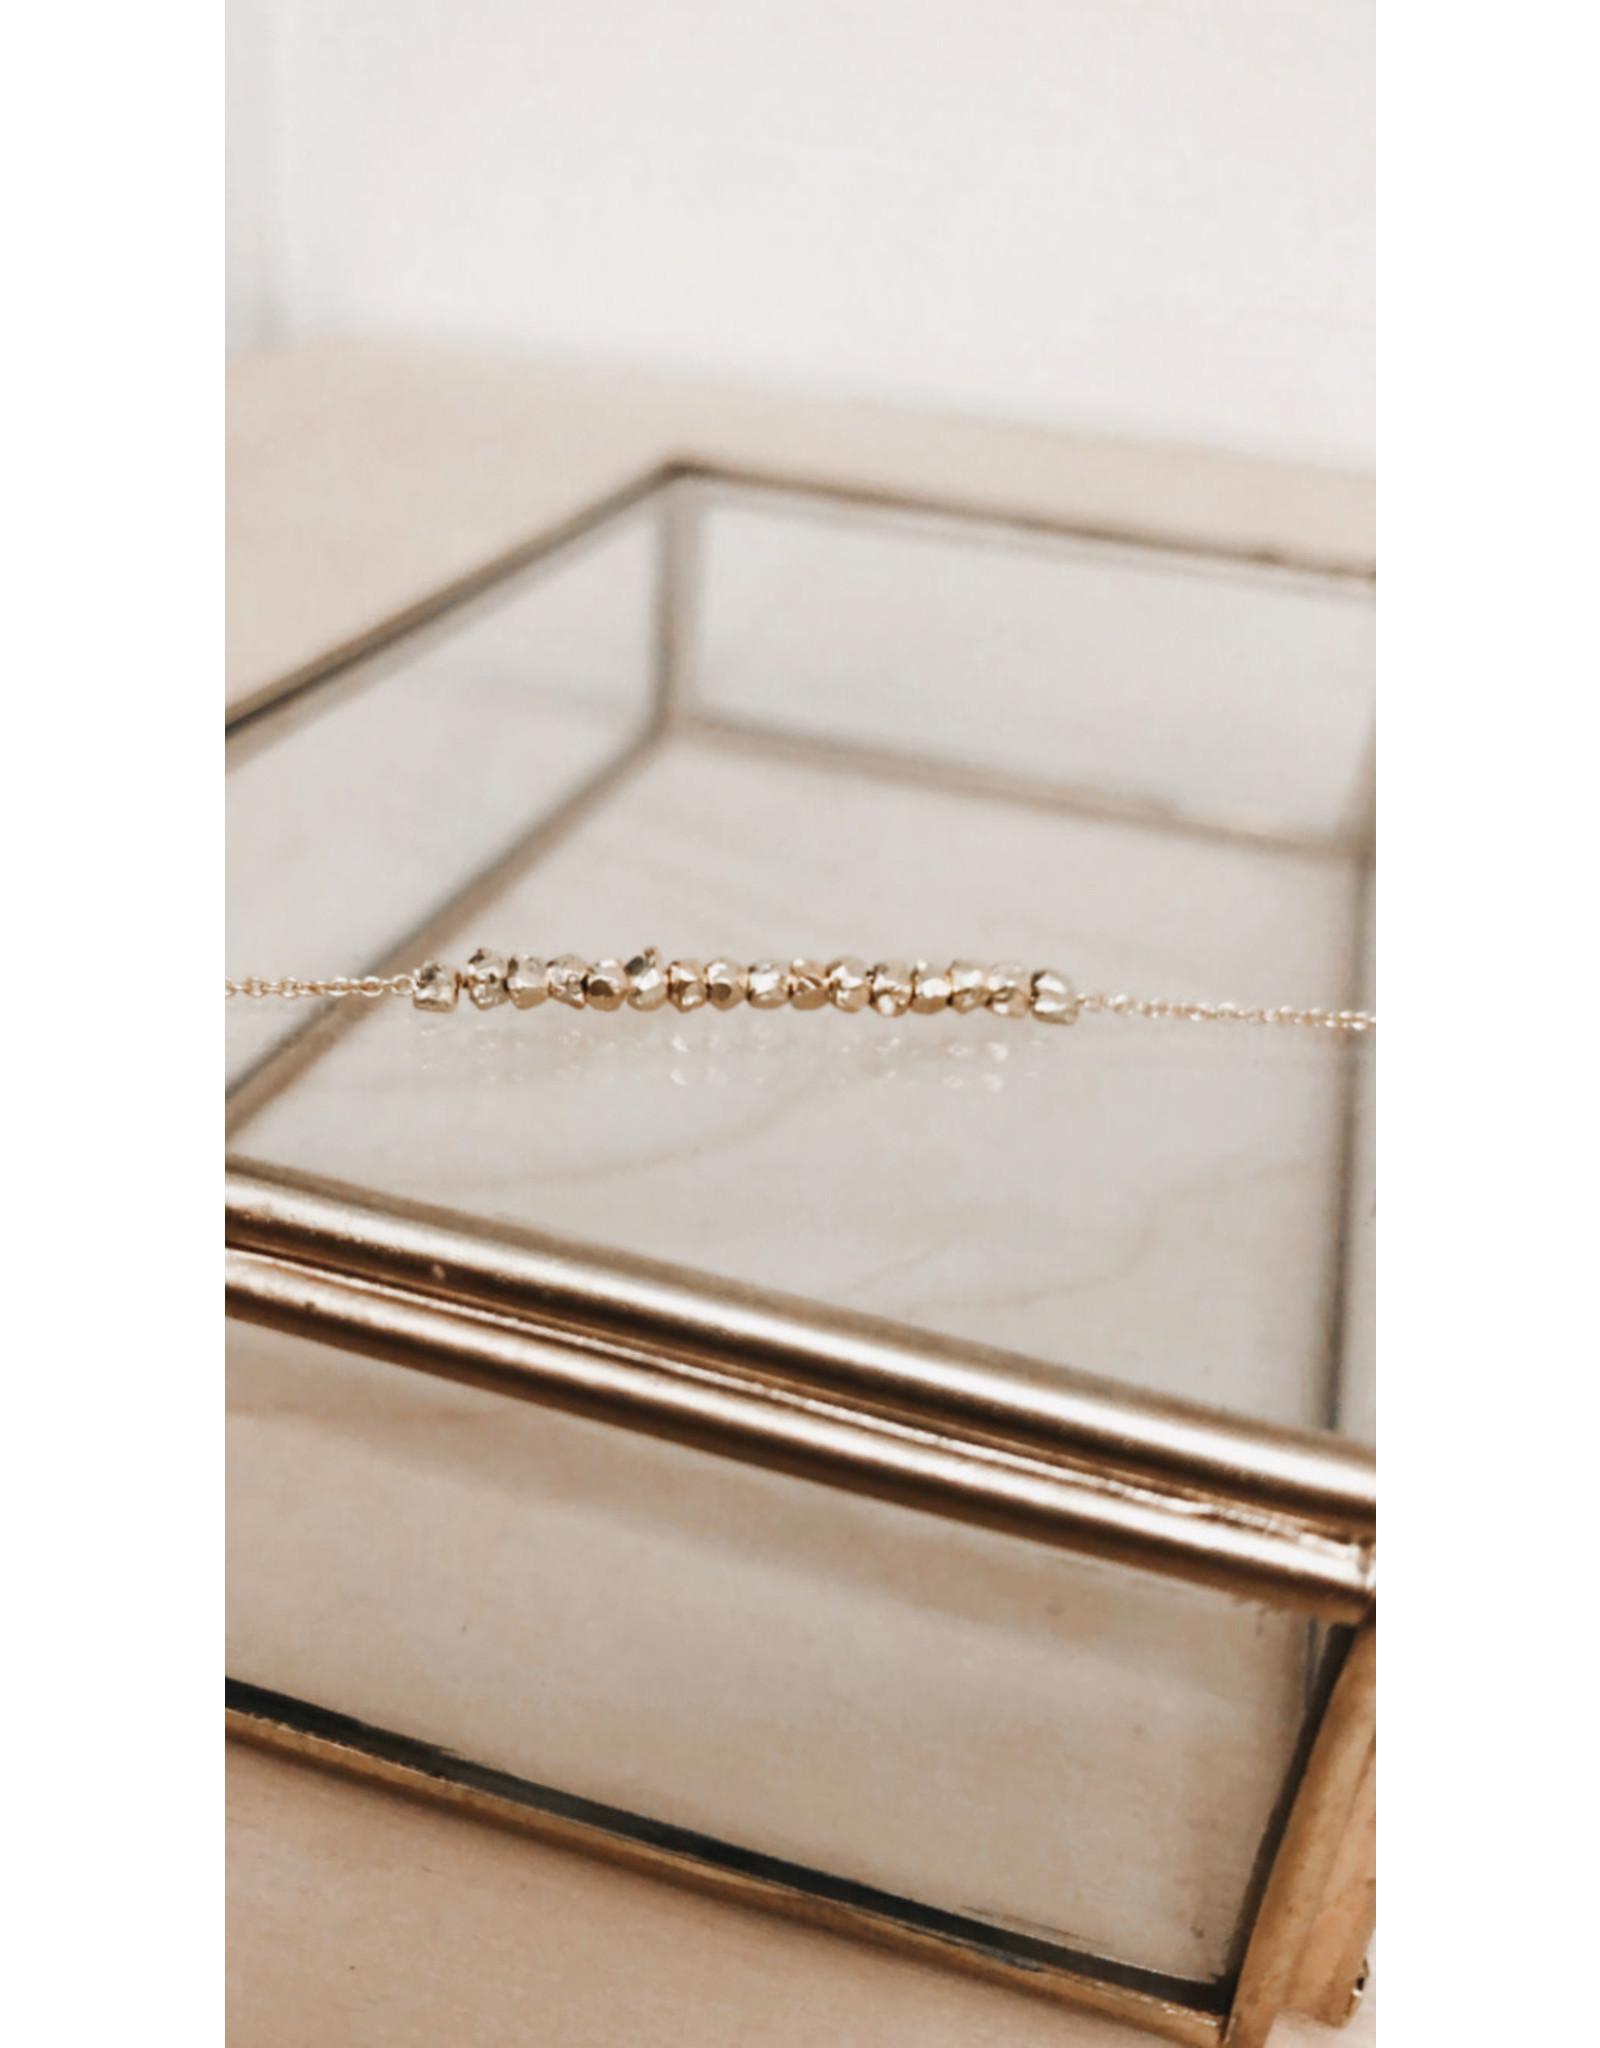 Rose Marie Paris Armband - Grove Gouden Parels  - Lengte 17 cm